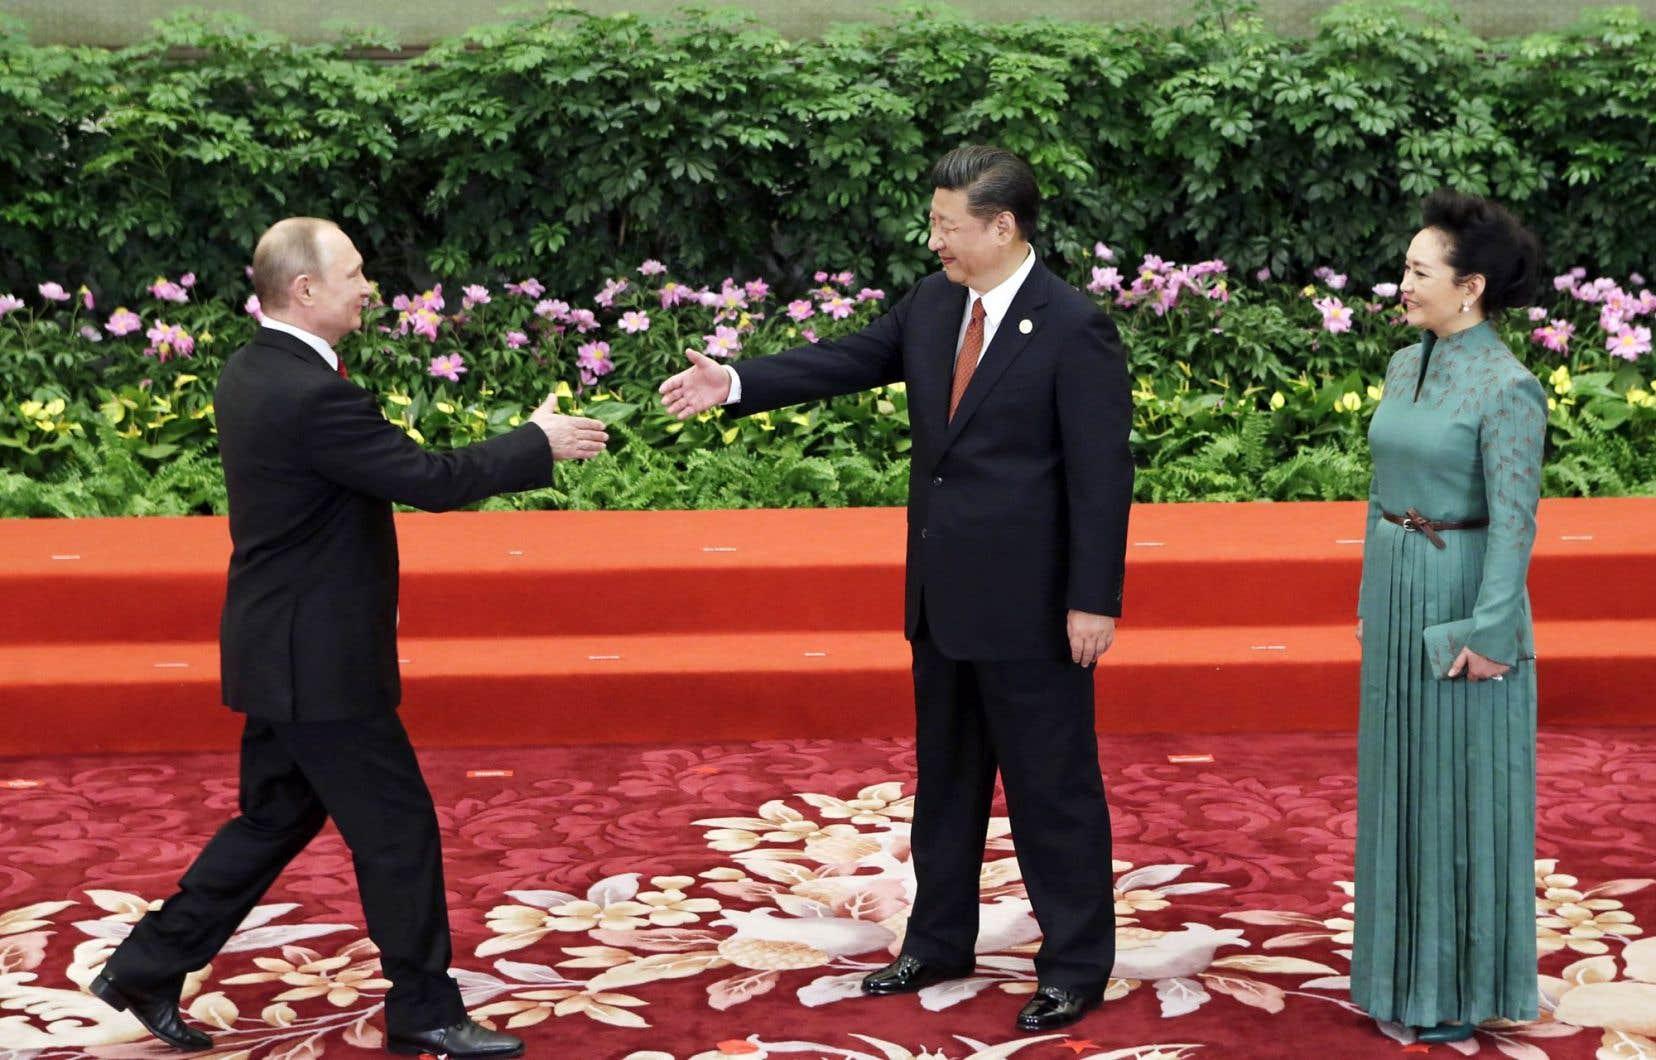 La grande majorité des chefs de gouvernement et d'État occidentaux ont boudé le sommet de Pékin. En revanche, une trentaine de chefs venus d'ailleurs dans le monde se sont rendus sur place, dont le président russe, Vladimir Poutine, accueilli par le président chinois, Xi Jinping.